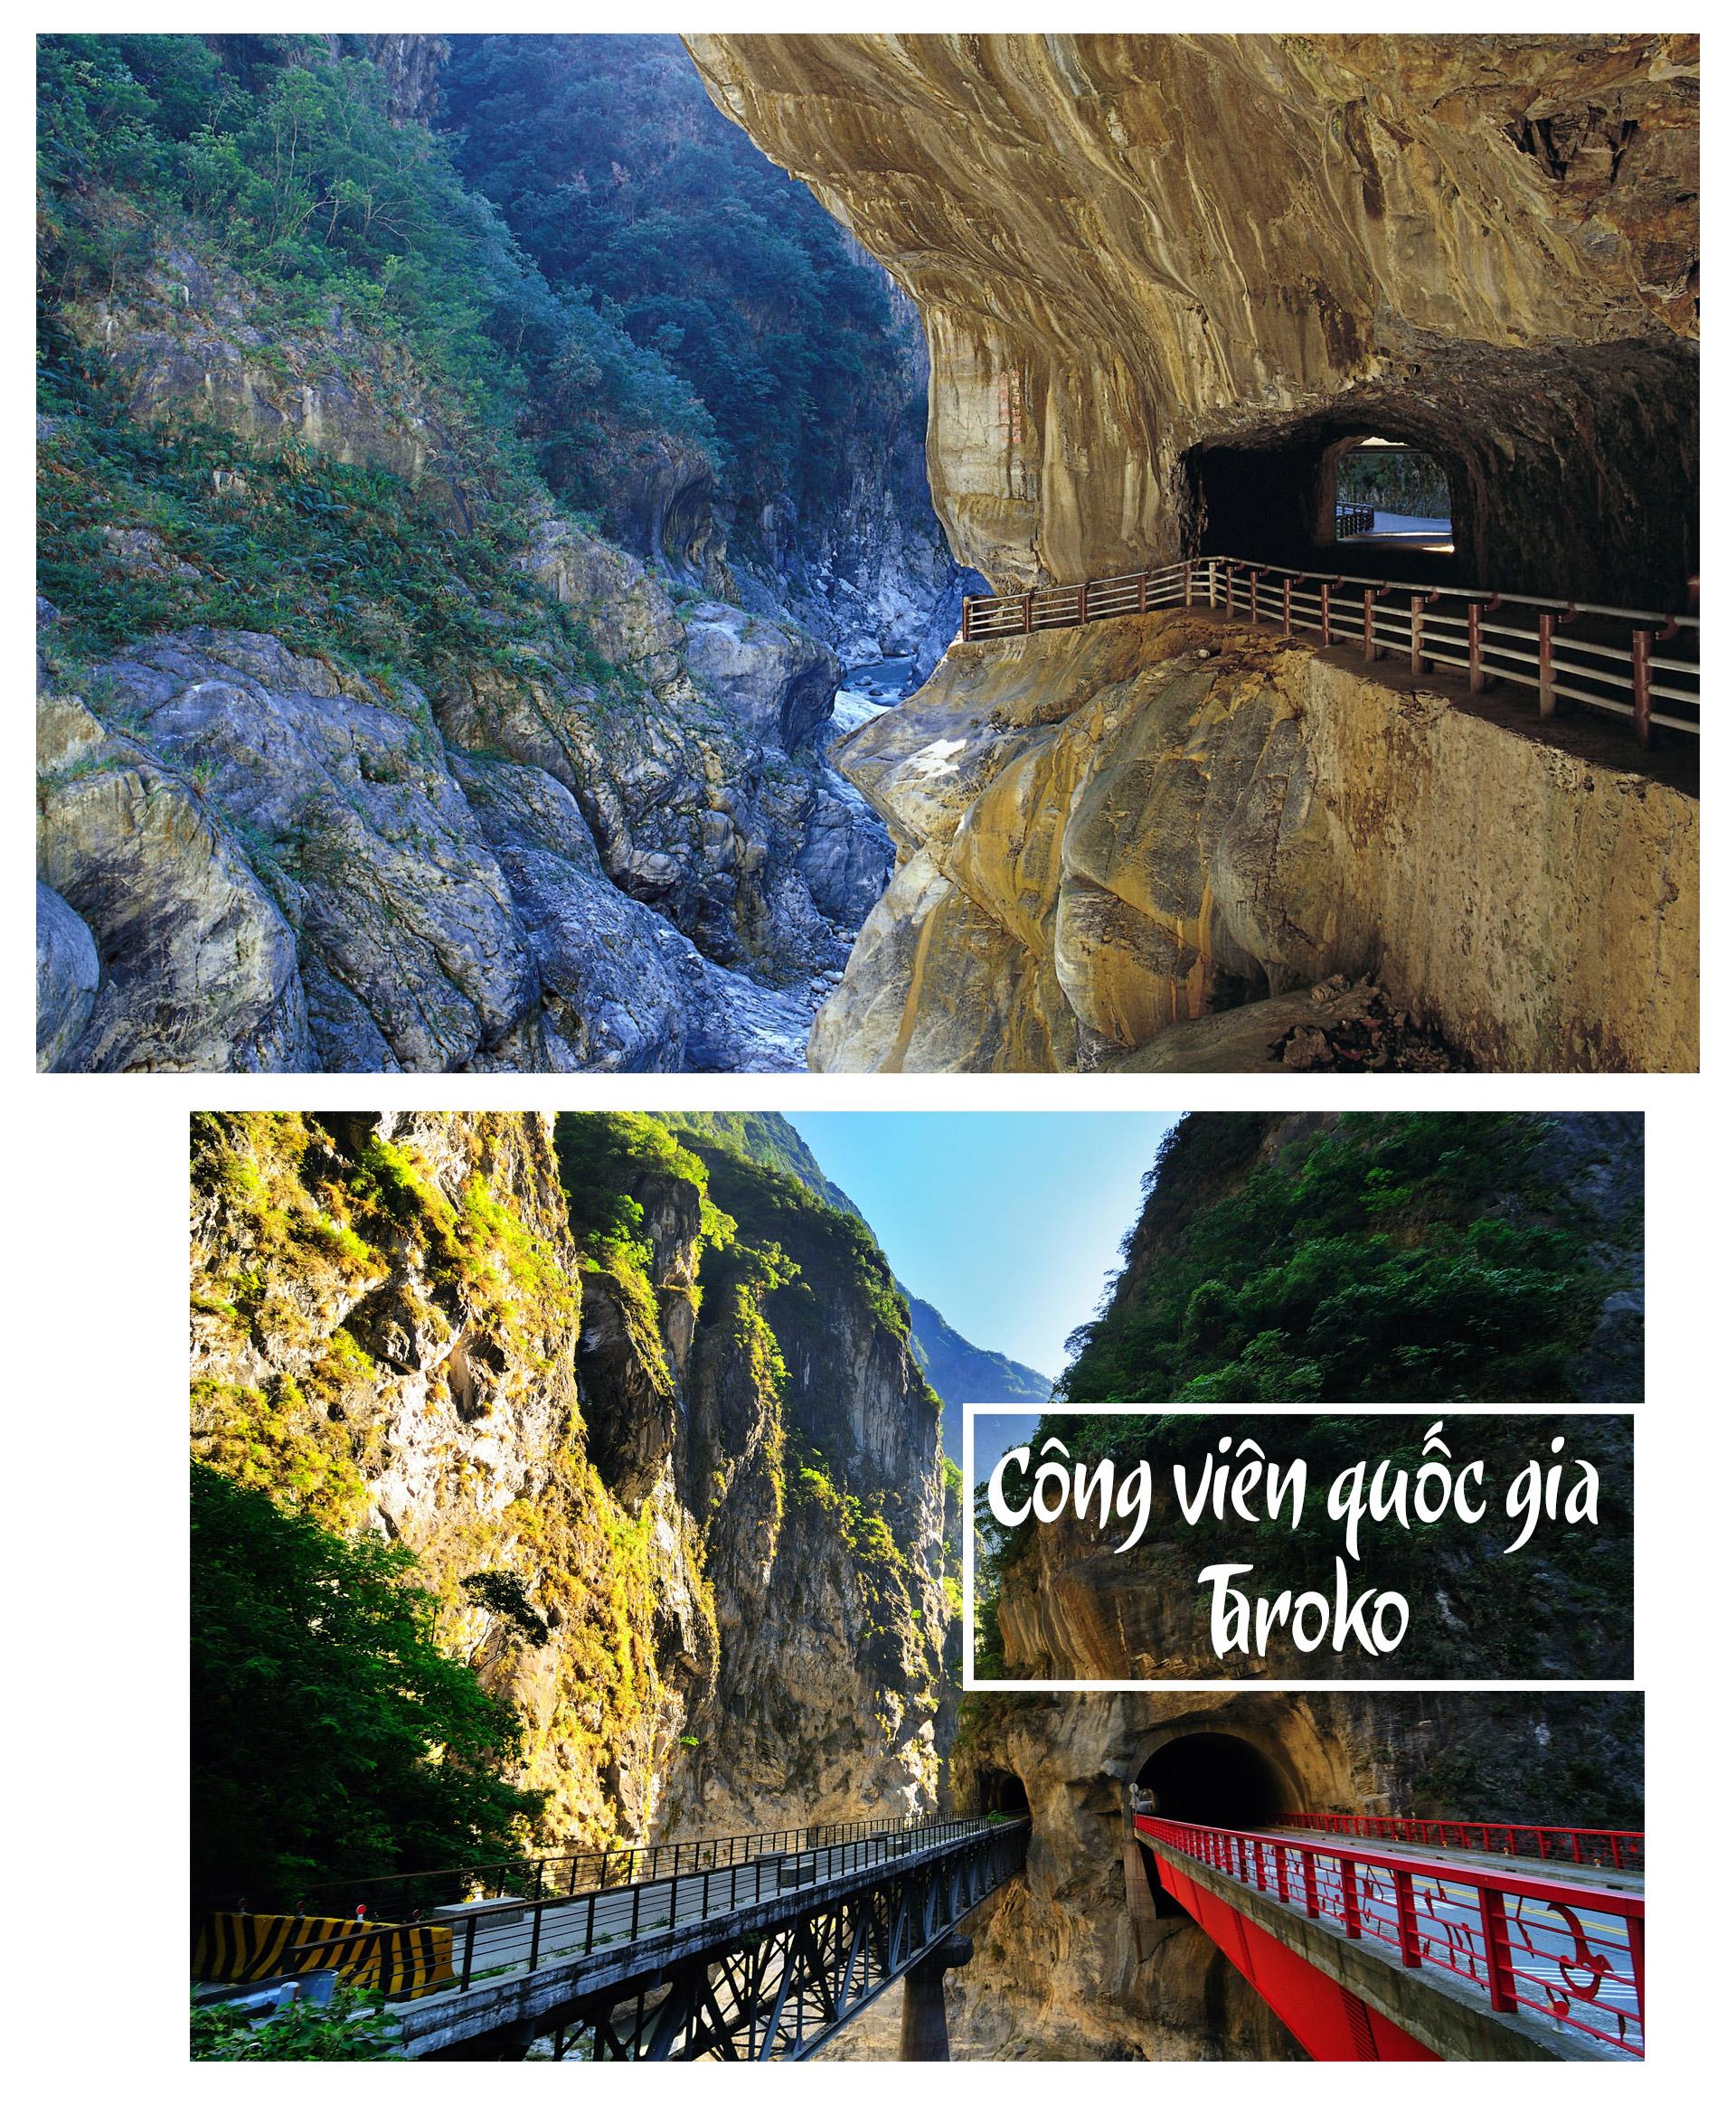 Những điểm đến tuyệt vời nhất Đài Loan - 7